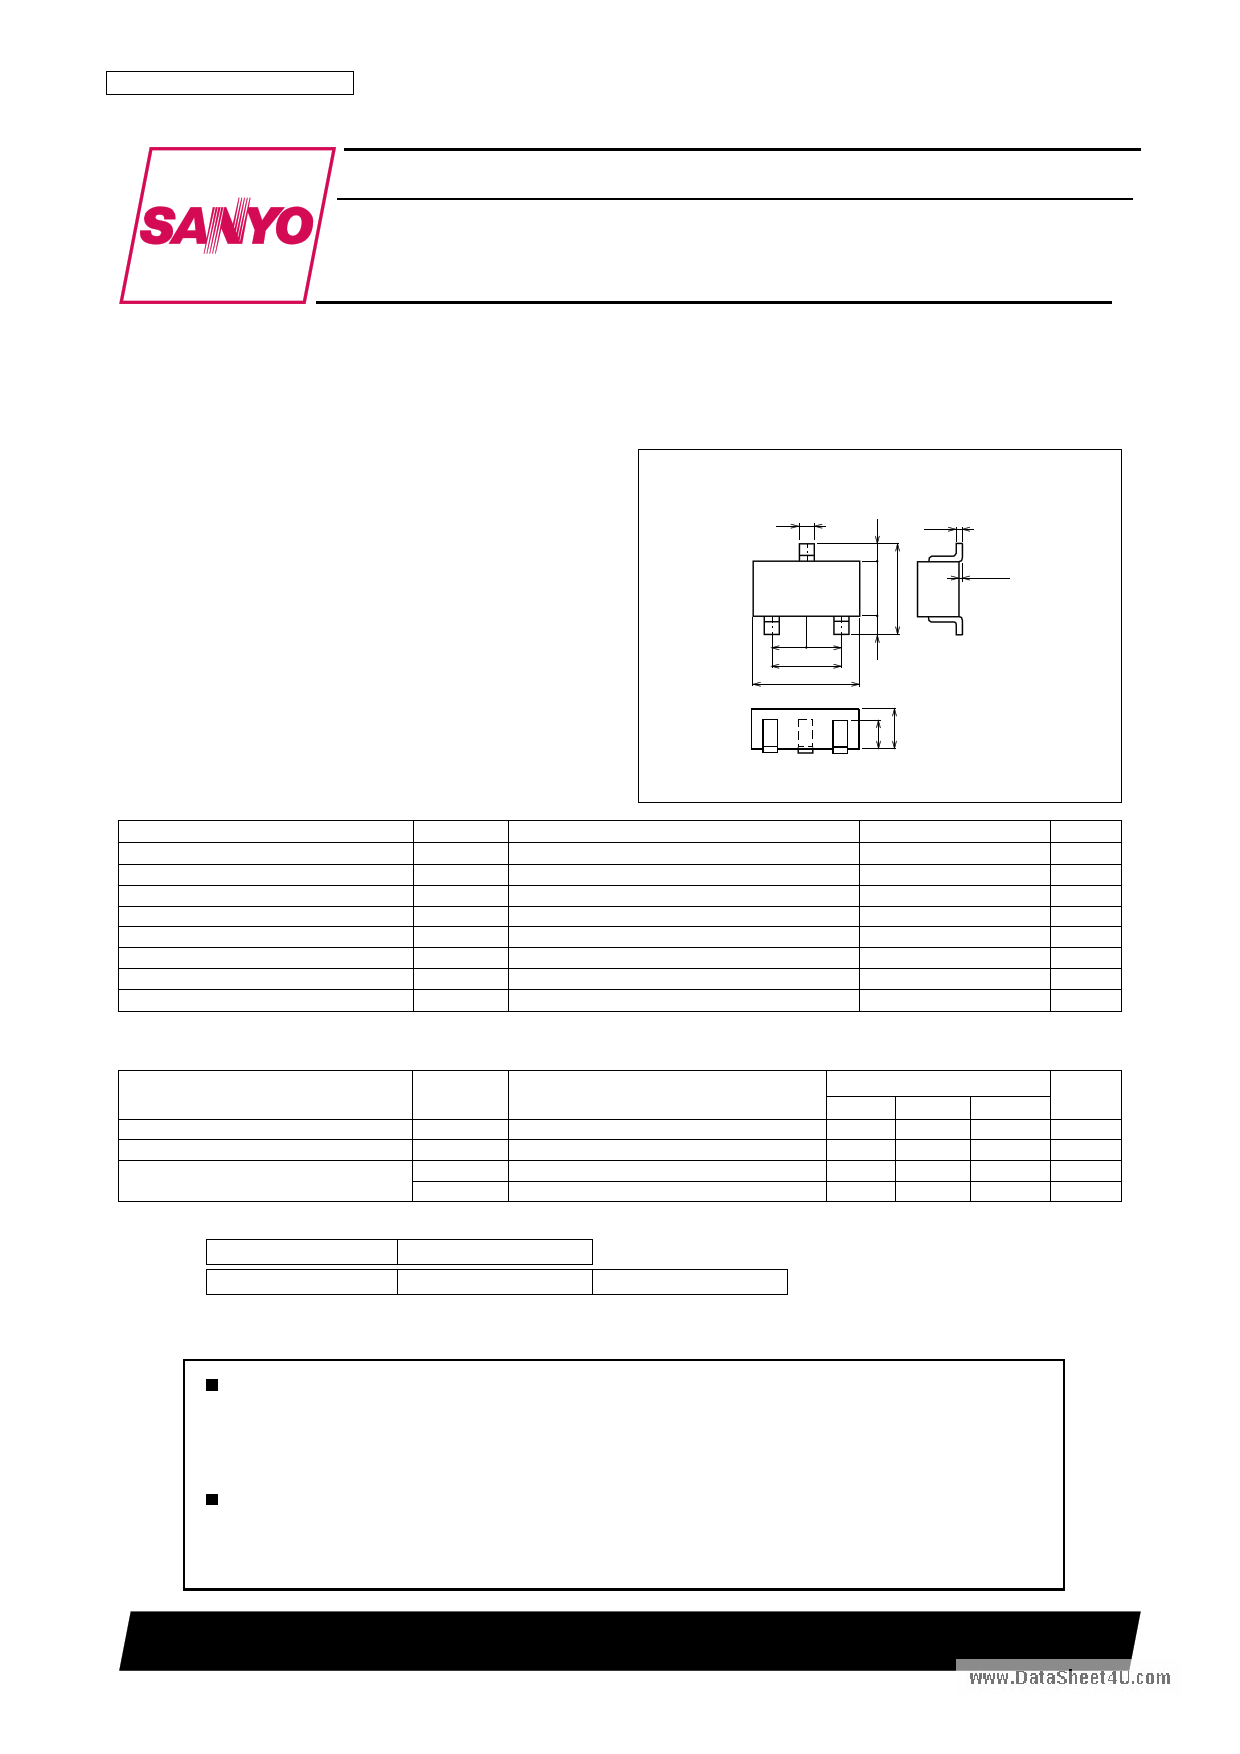 D1048 datasheet